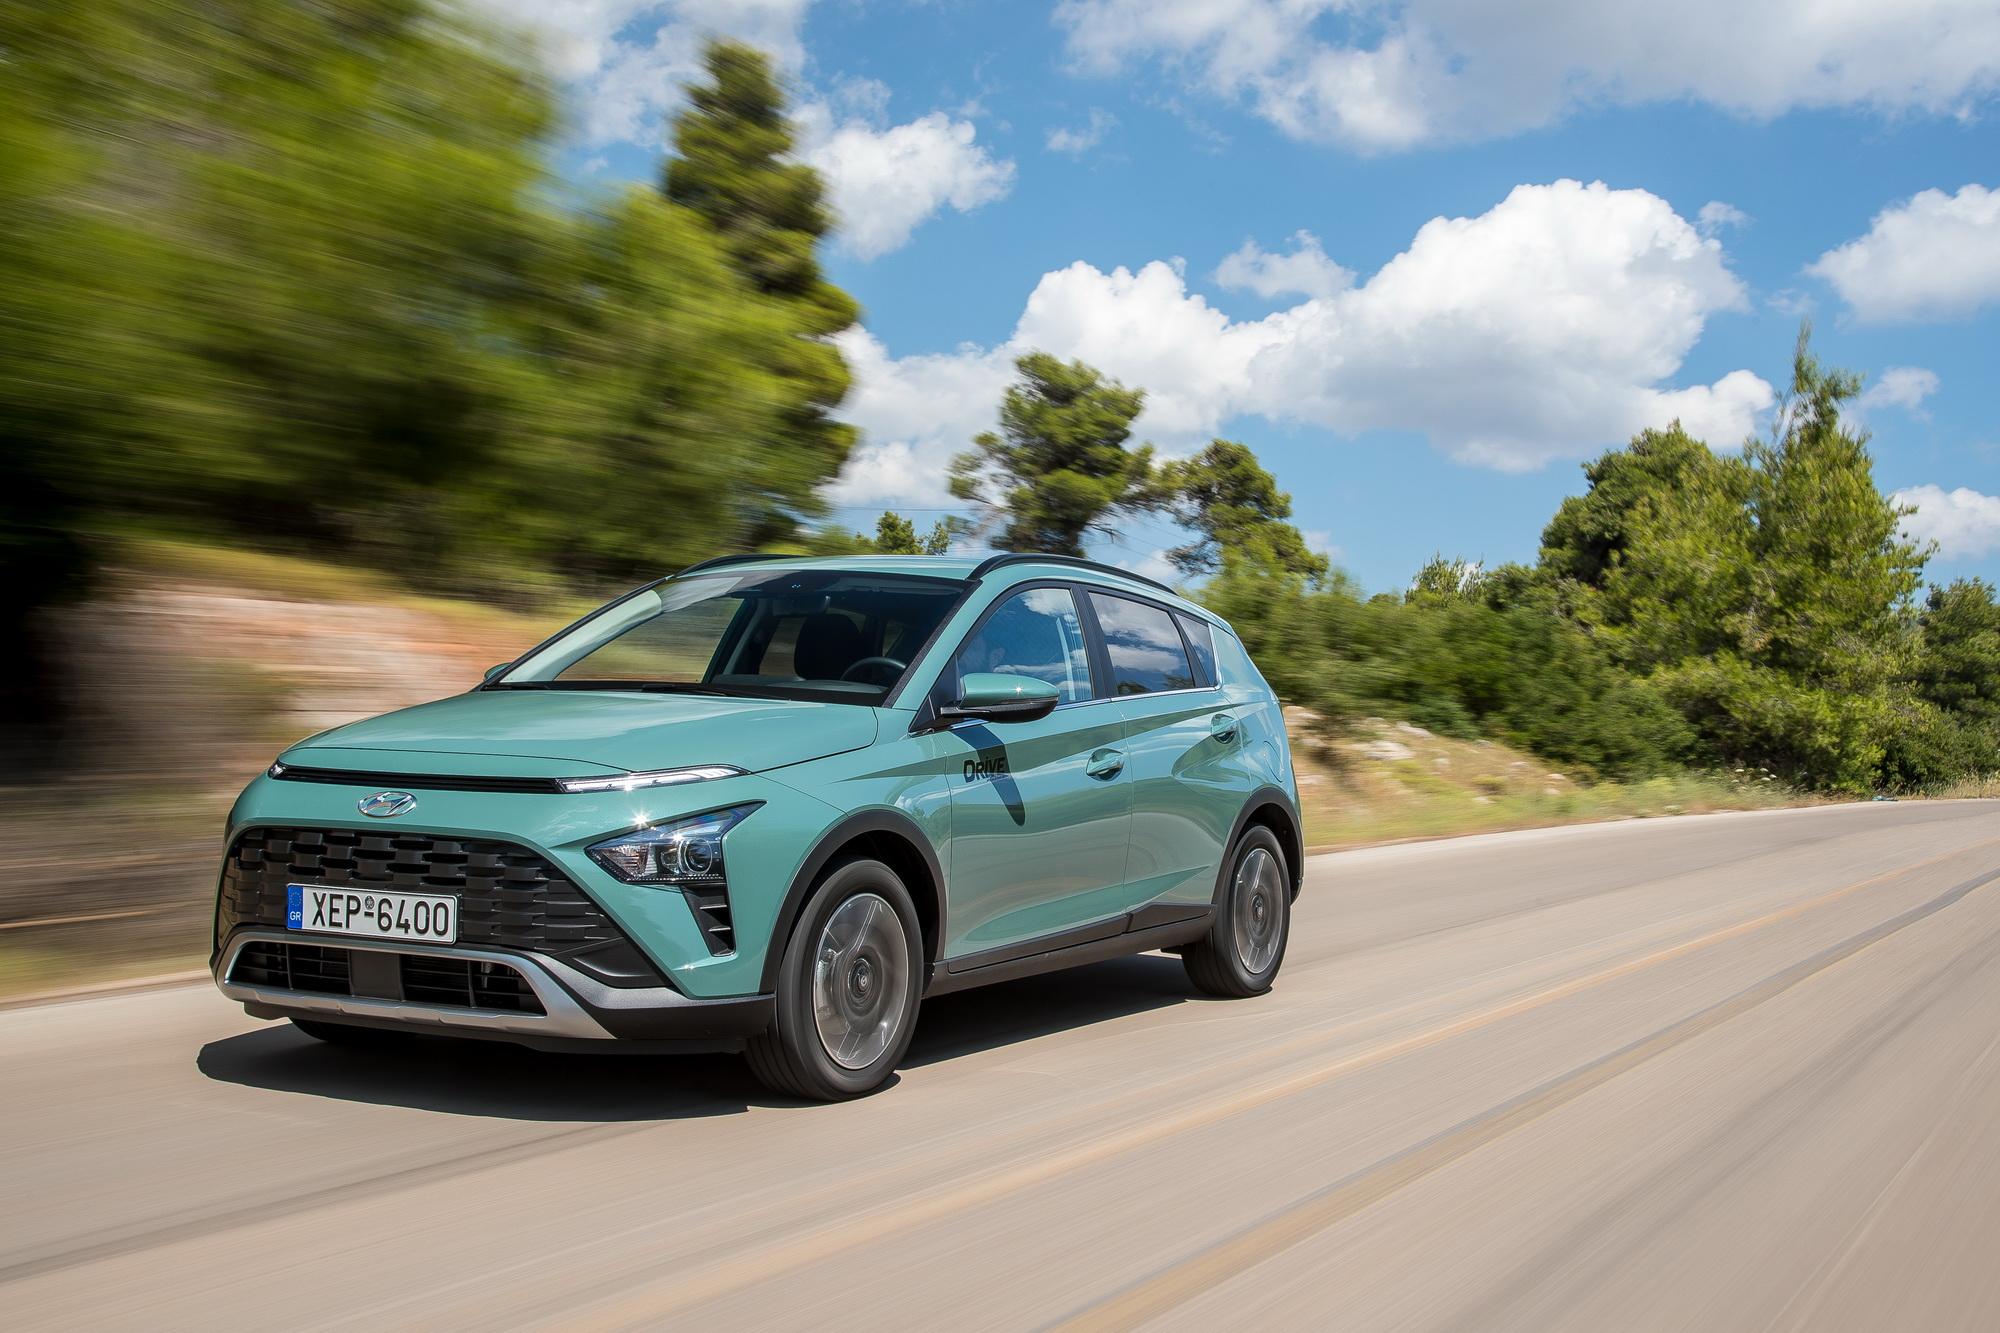 Hyundai Bayon: Δοκιμάζουμε το νέο και προσιτό SUV της Hyundai